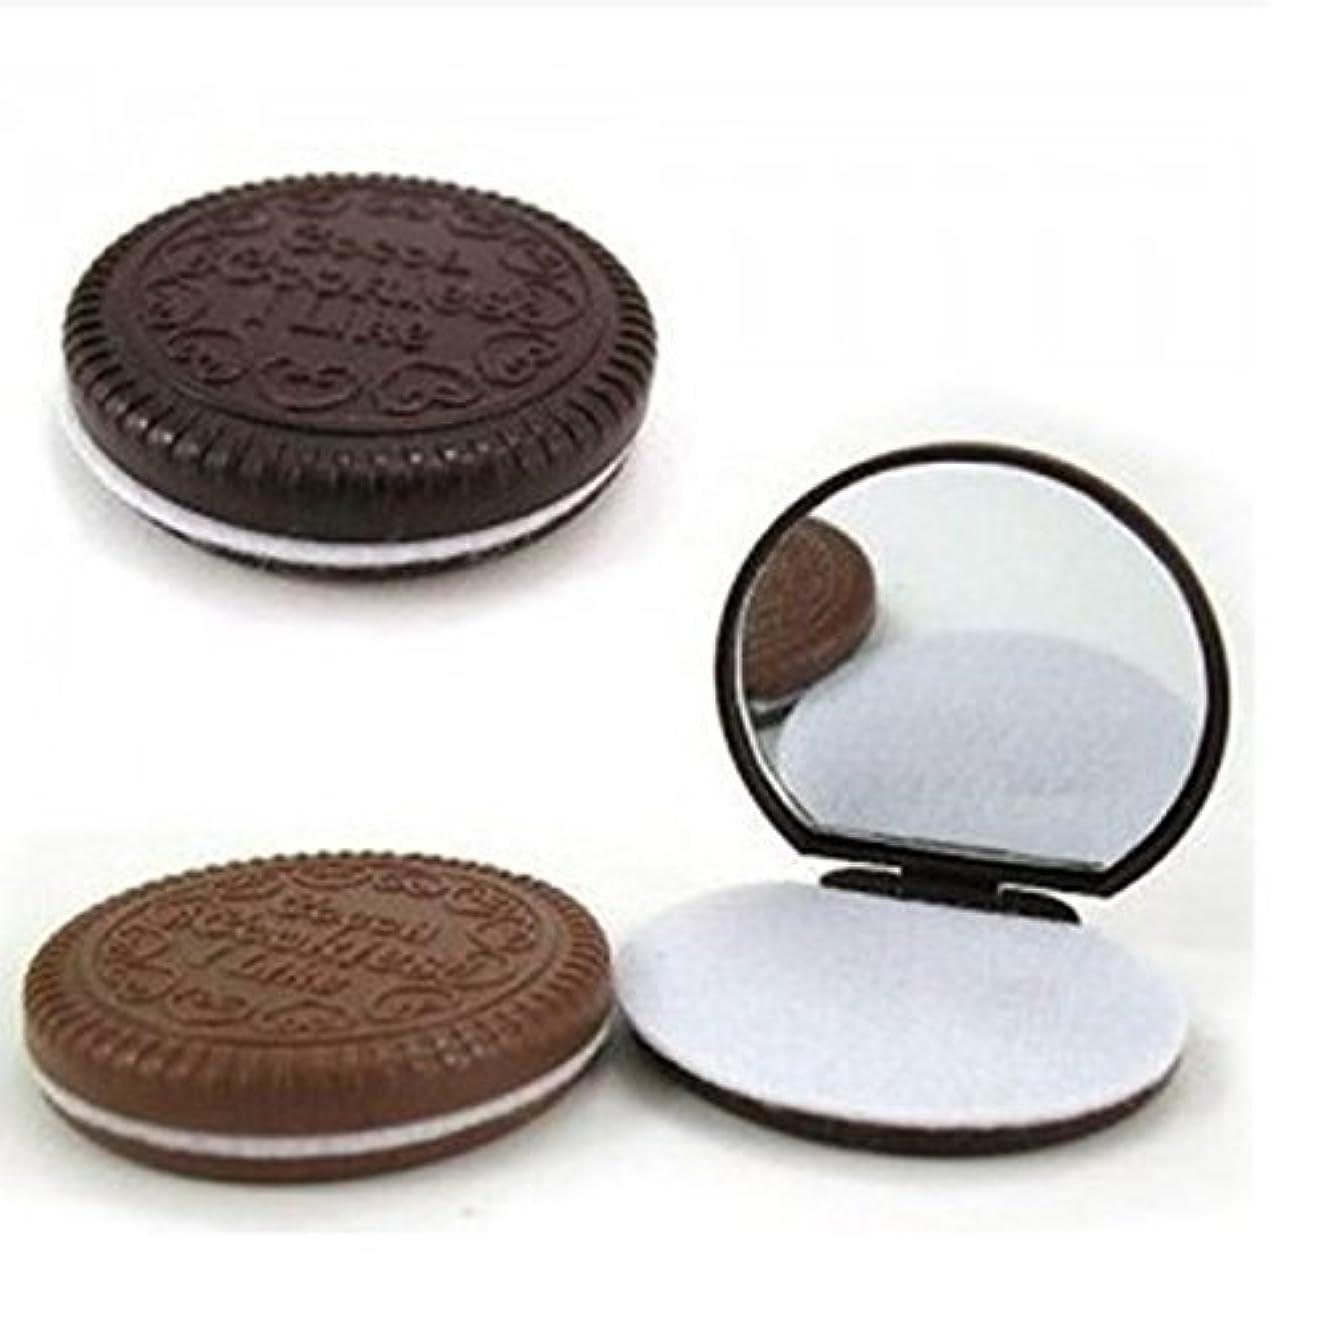 ペアしわ不運3 Pcs Cute Chocolate Makeup Mirror With Comb Women Hand Pocket Compact Makeup Tools Great Gift [並行輸入品]